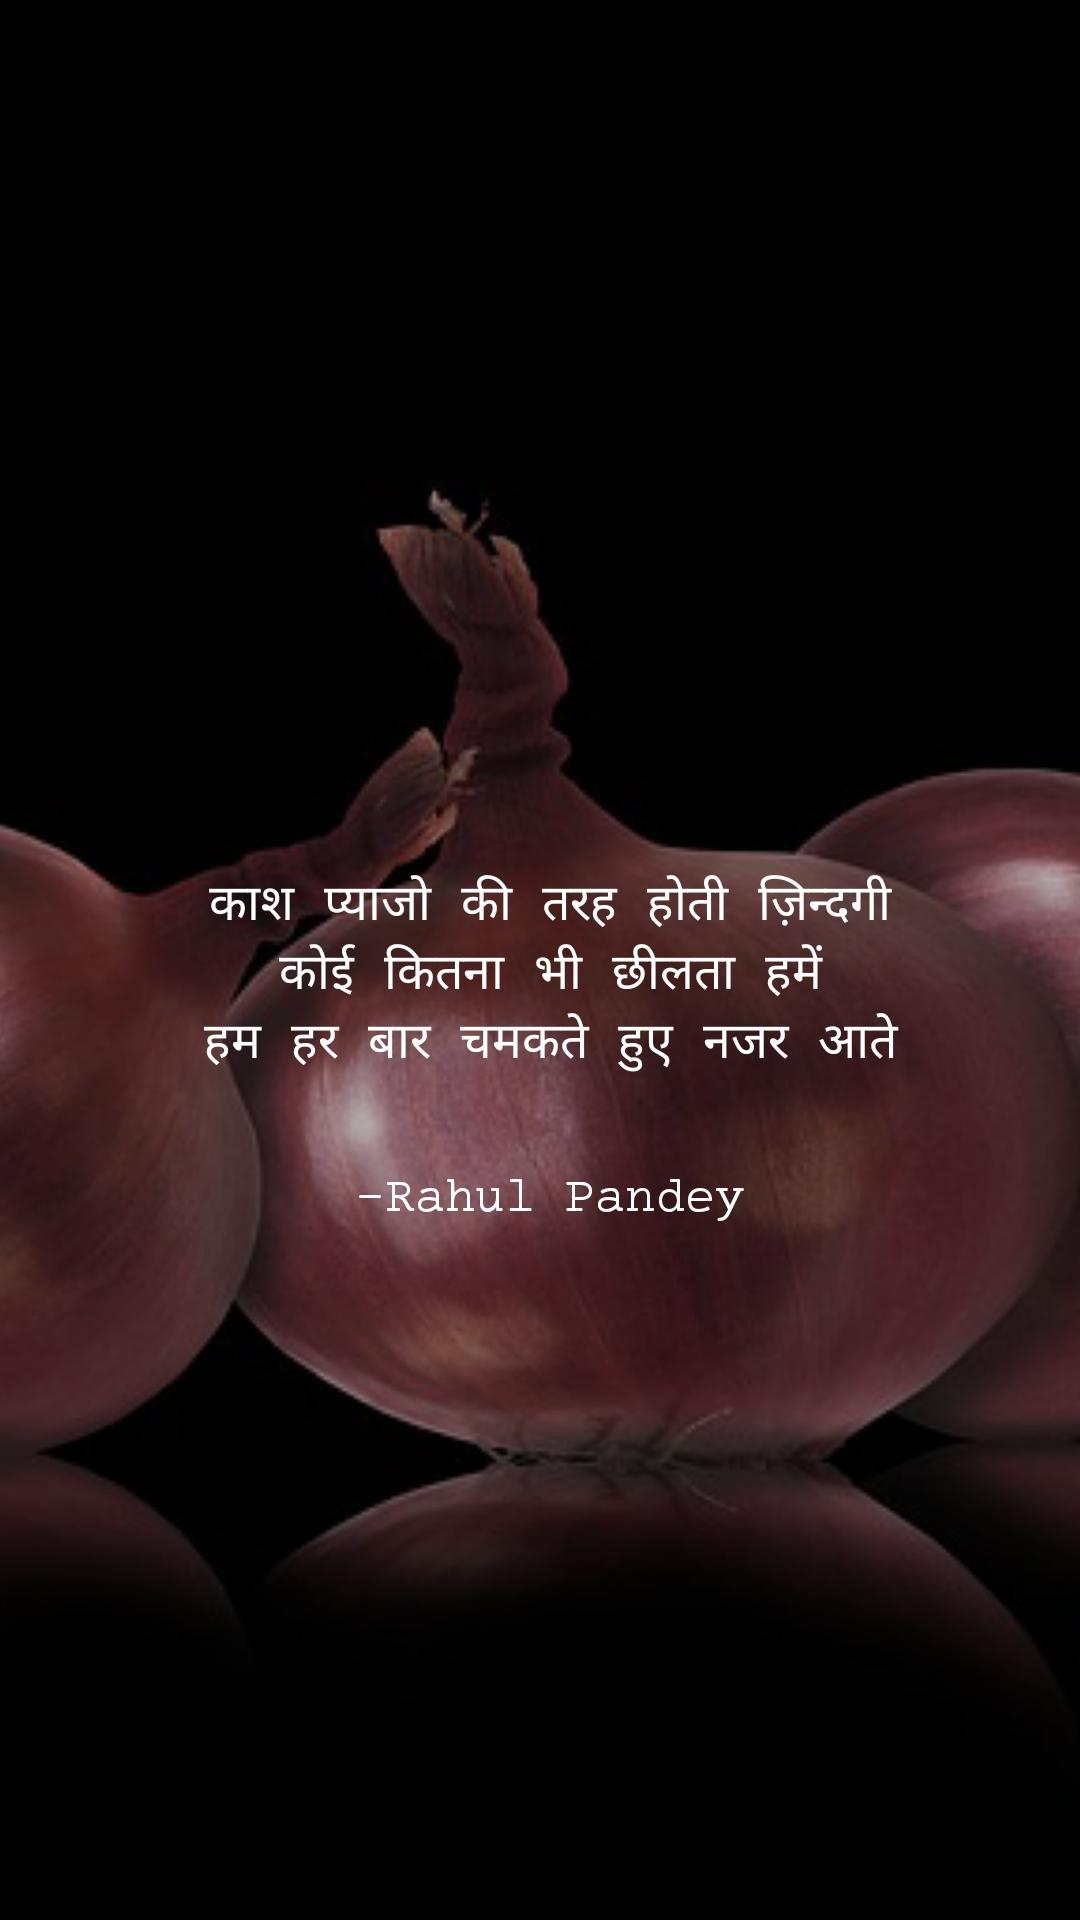 काश प्याजो की तरह होती ज़िन्दगी कोई कितना भी छीलता हमें हम हर बार चमकते हुए नजर आते                                 -Rahul Pandey